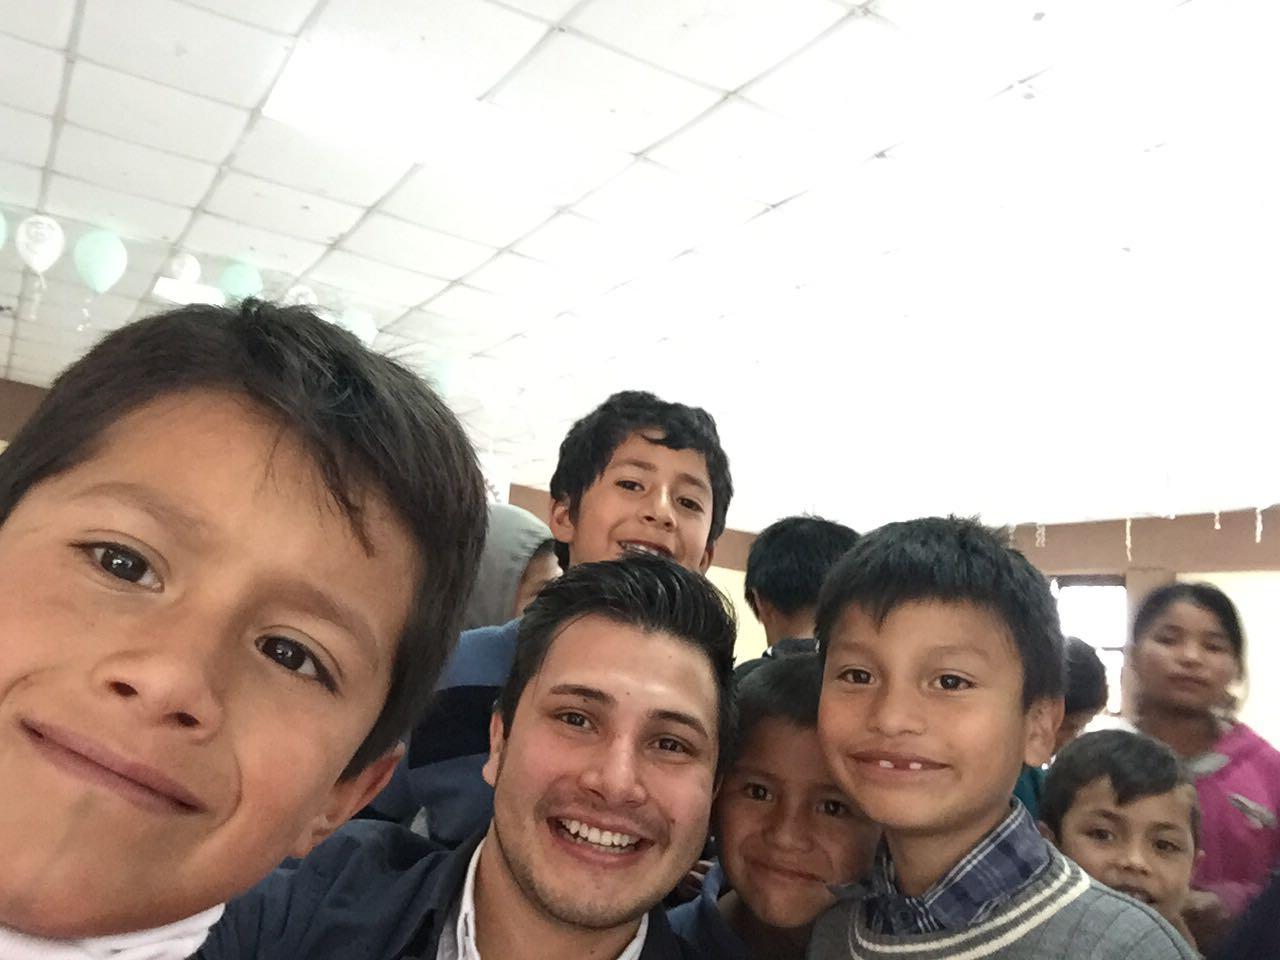 RC Schwäbischer Barockwinkel-Thannhausen: Austauschpraktikant sorgt für Hilfe in Mexiko